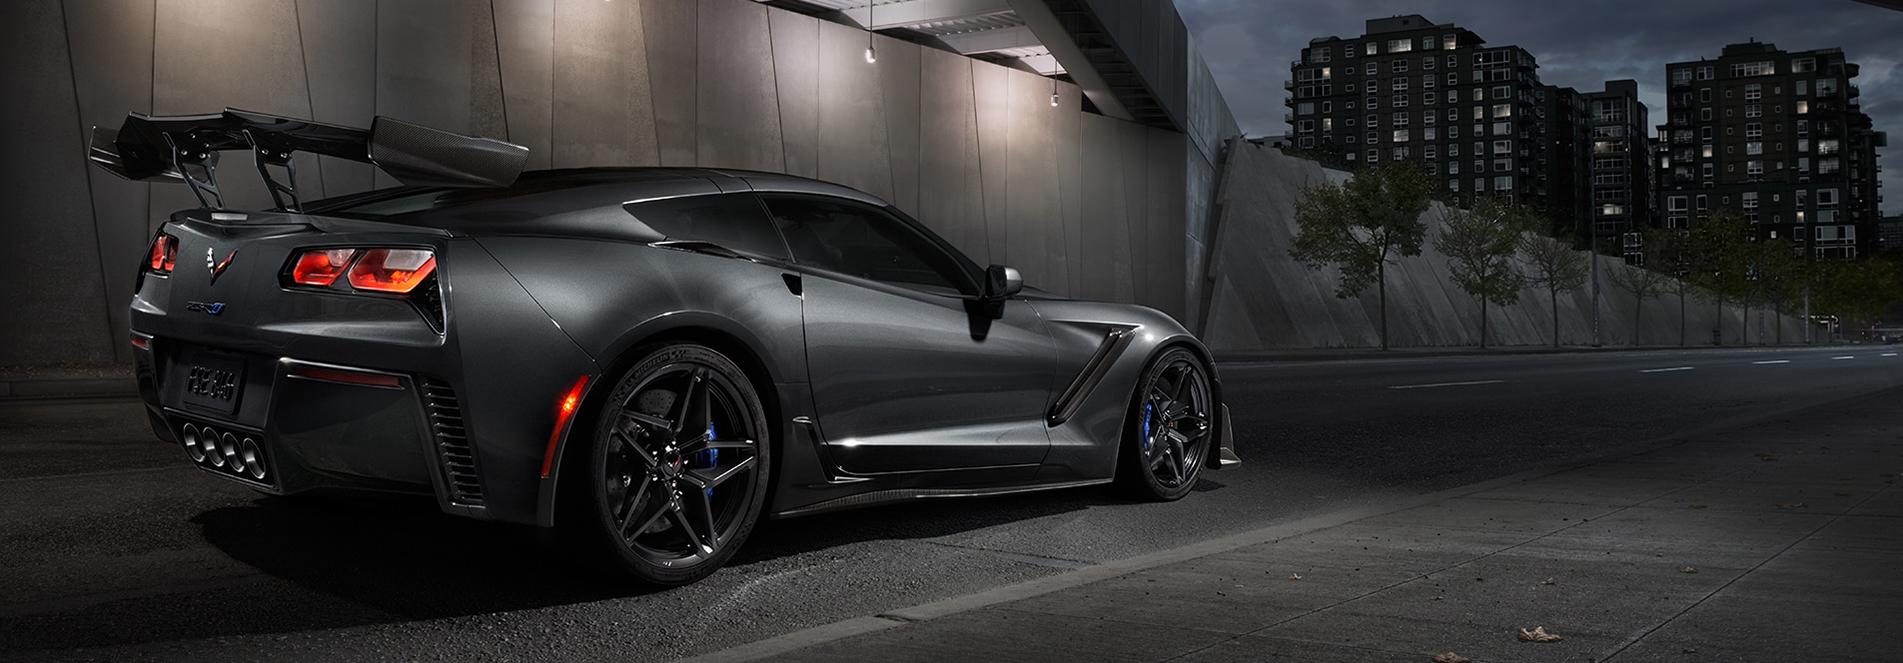 2019 Corvette C7 Specs